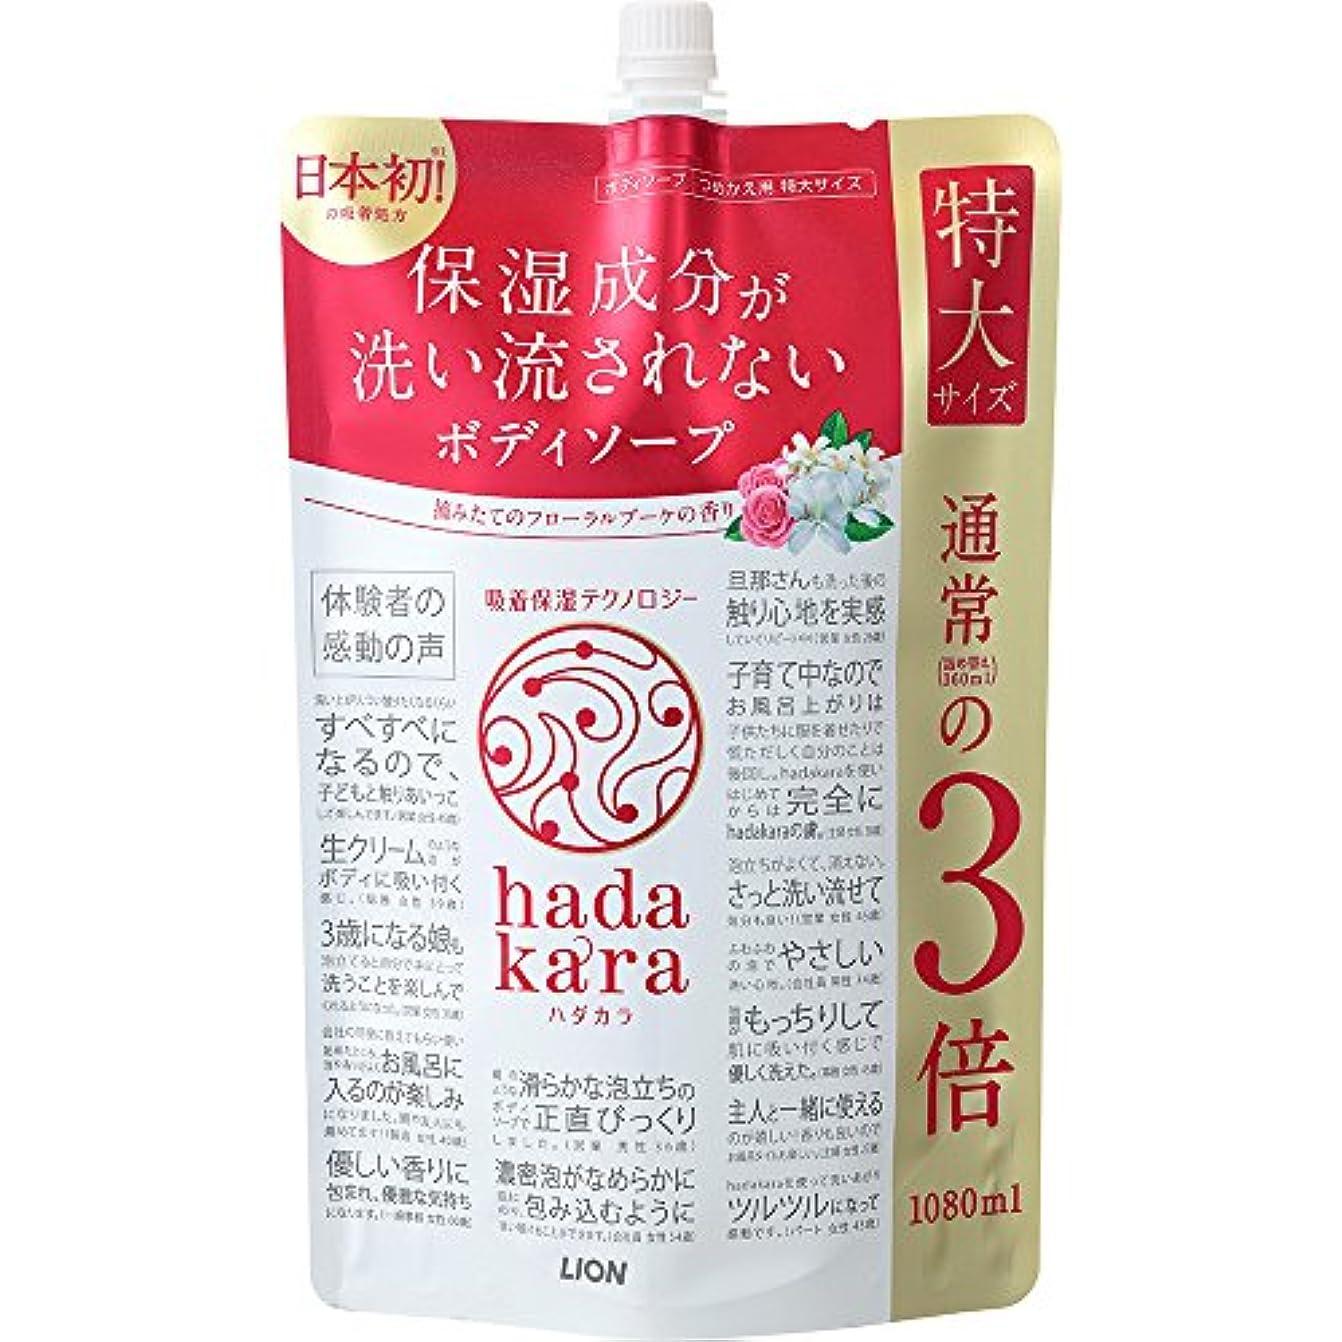 拳底学校の先生【大容量】hadakara(ハダカラ) ボディソープ フローラルブーケの香り 詰め替え 特大 1080ml